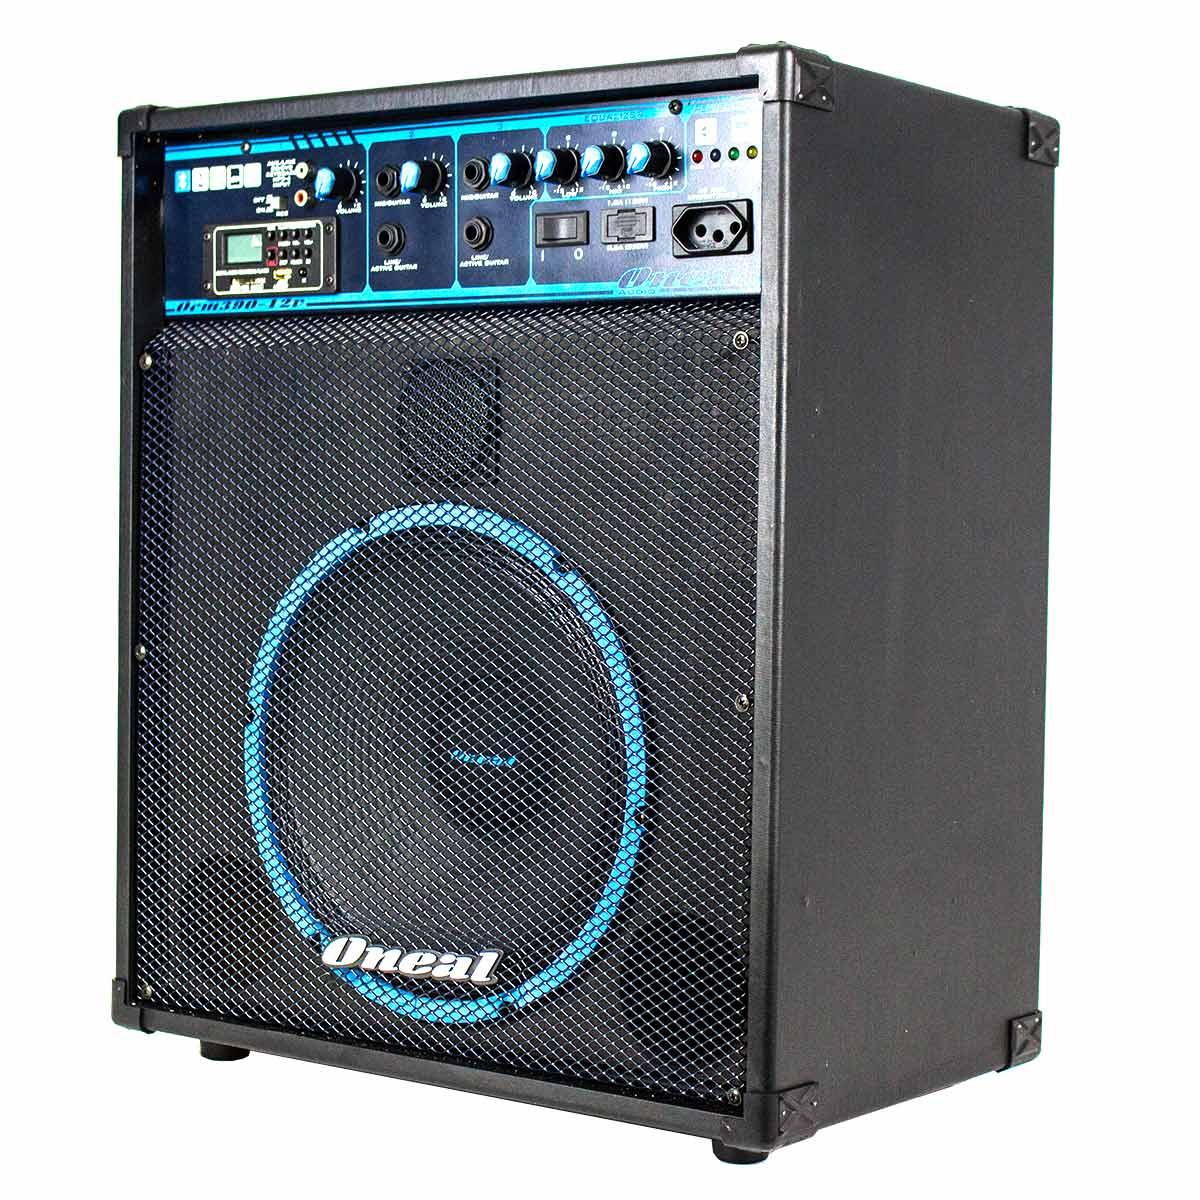 Cubo Multiuso Fal 10 Pol 80W c/ Bateria Interna / USB / Bluetooth - OCM 390 BT 12V Oneal